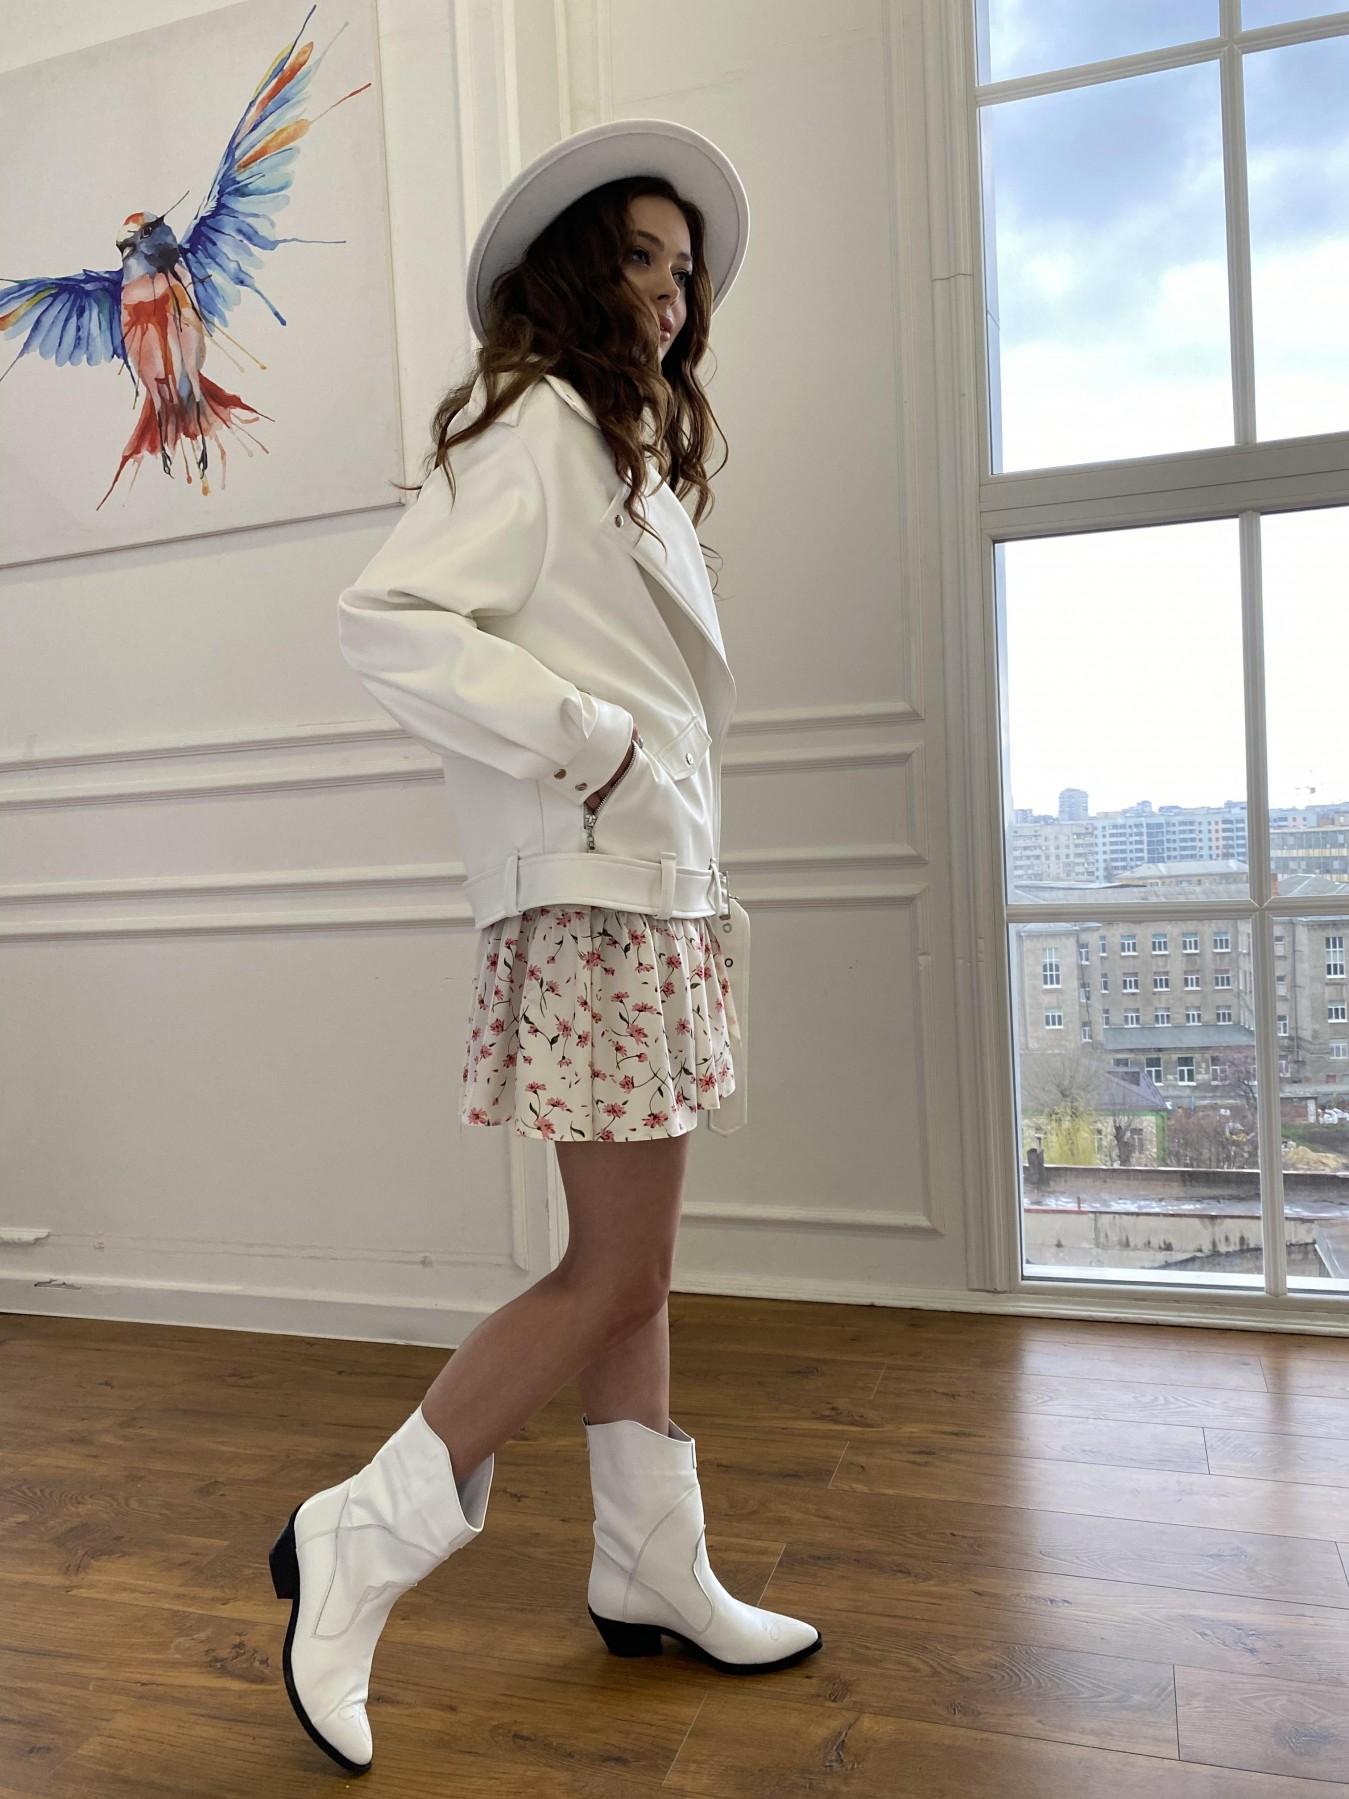 Фора куртка из экокожи прокатанная 11204 АРТ. 47716 Цвет: Молоко - фото 11, интернет магазин tm-modus.ru